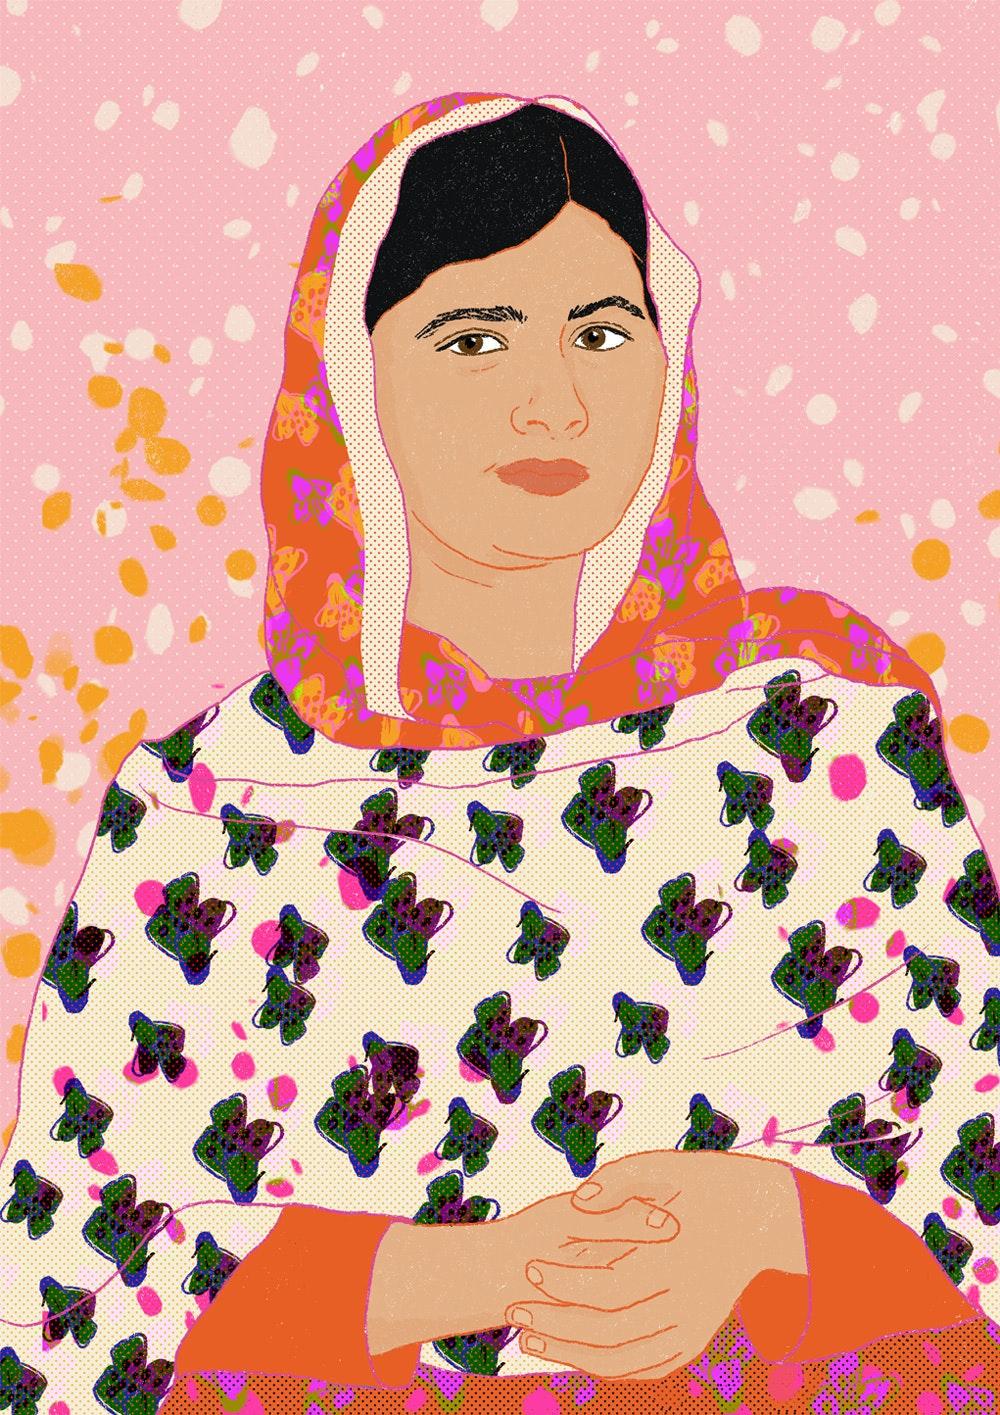 MILICA GOLUBOVIC - Milica_Golubovic_Malala-Yousafzai-web